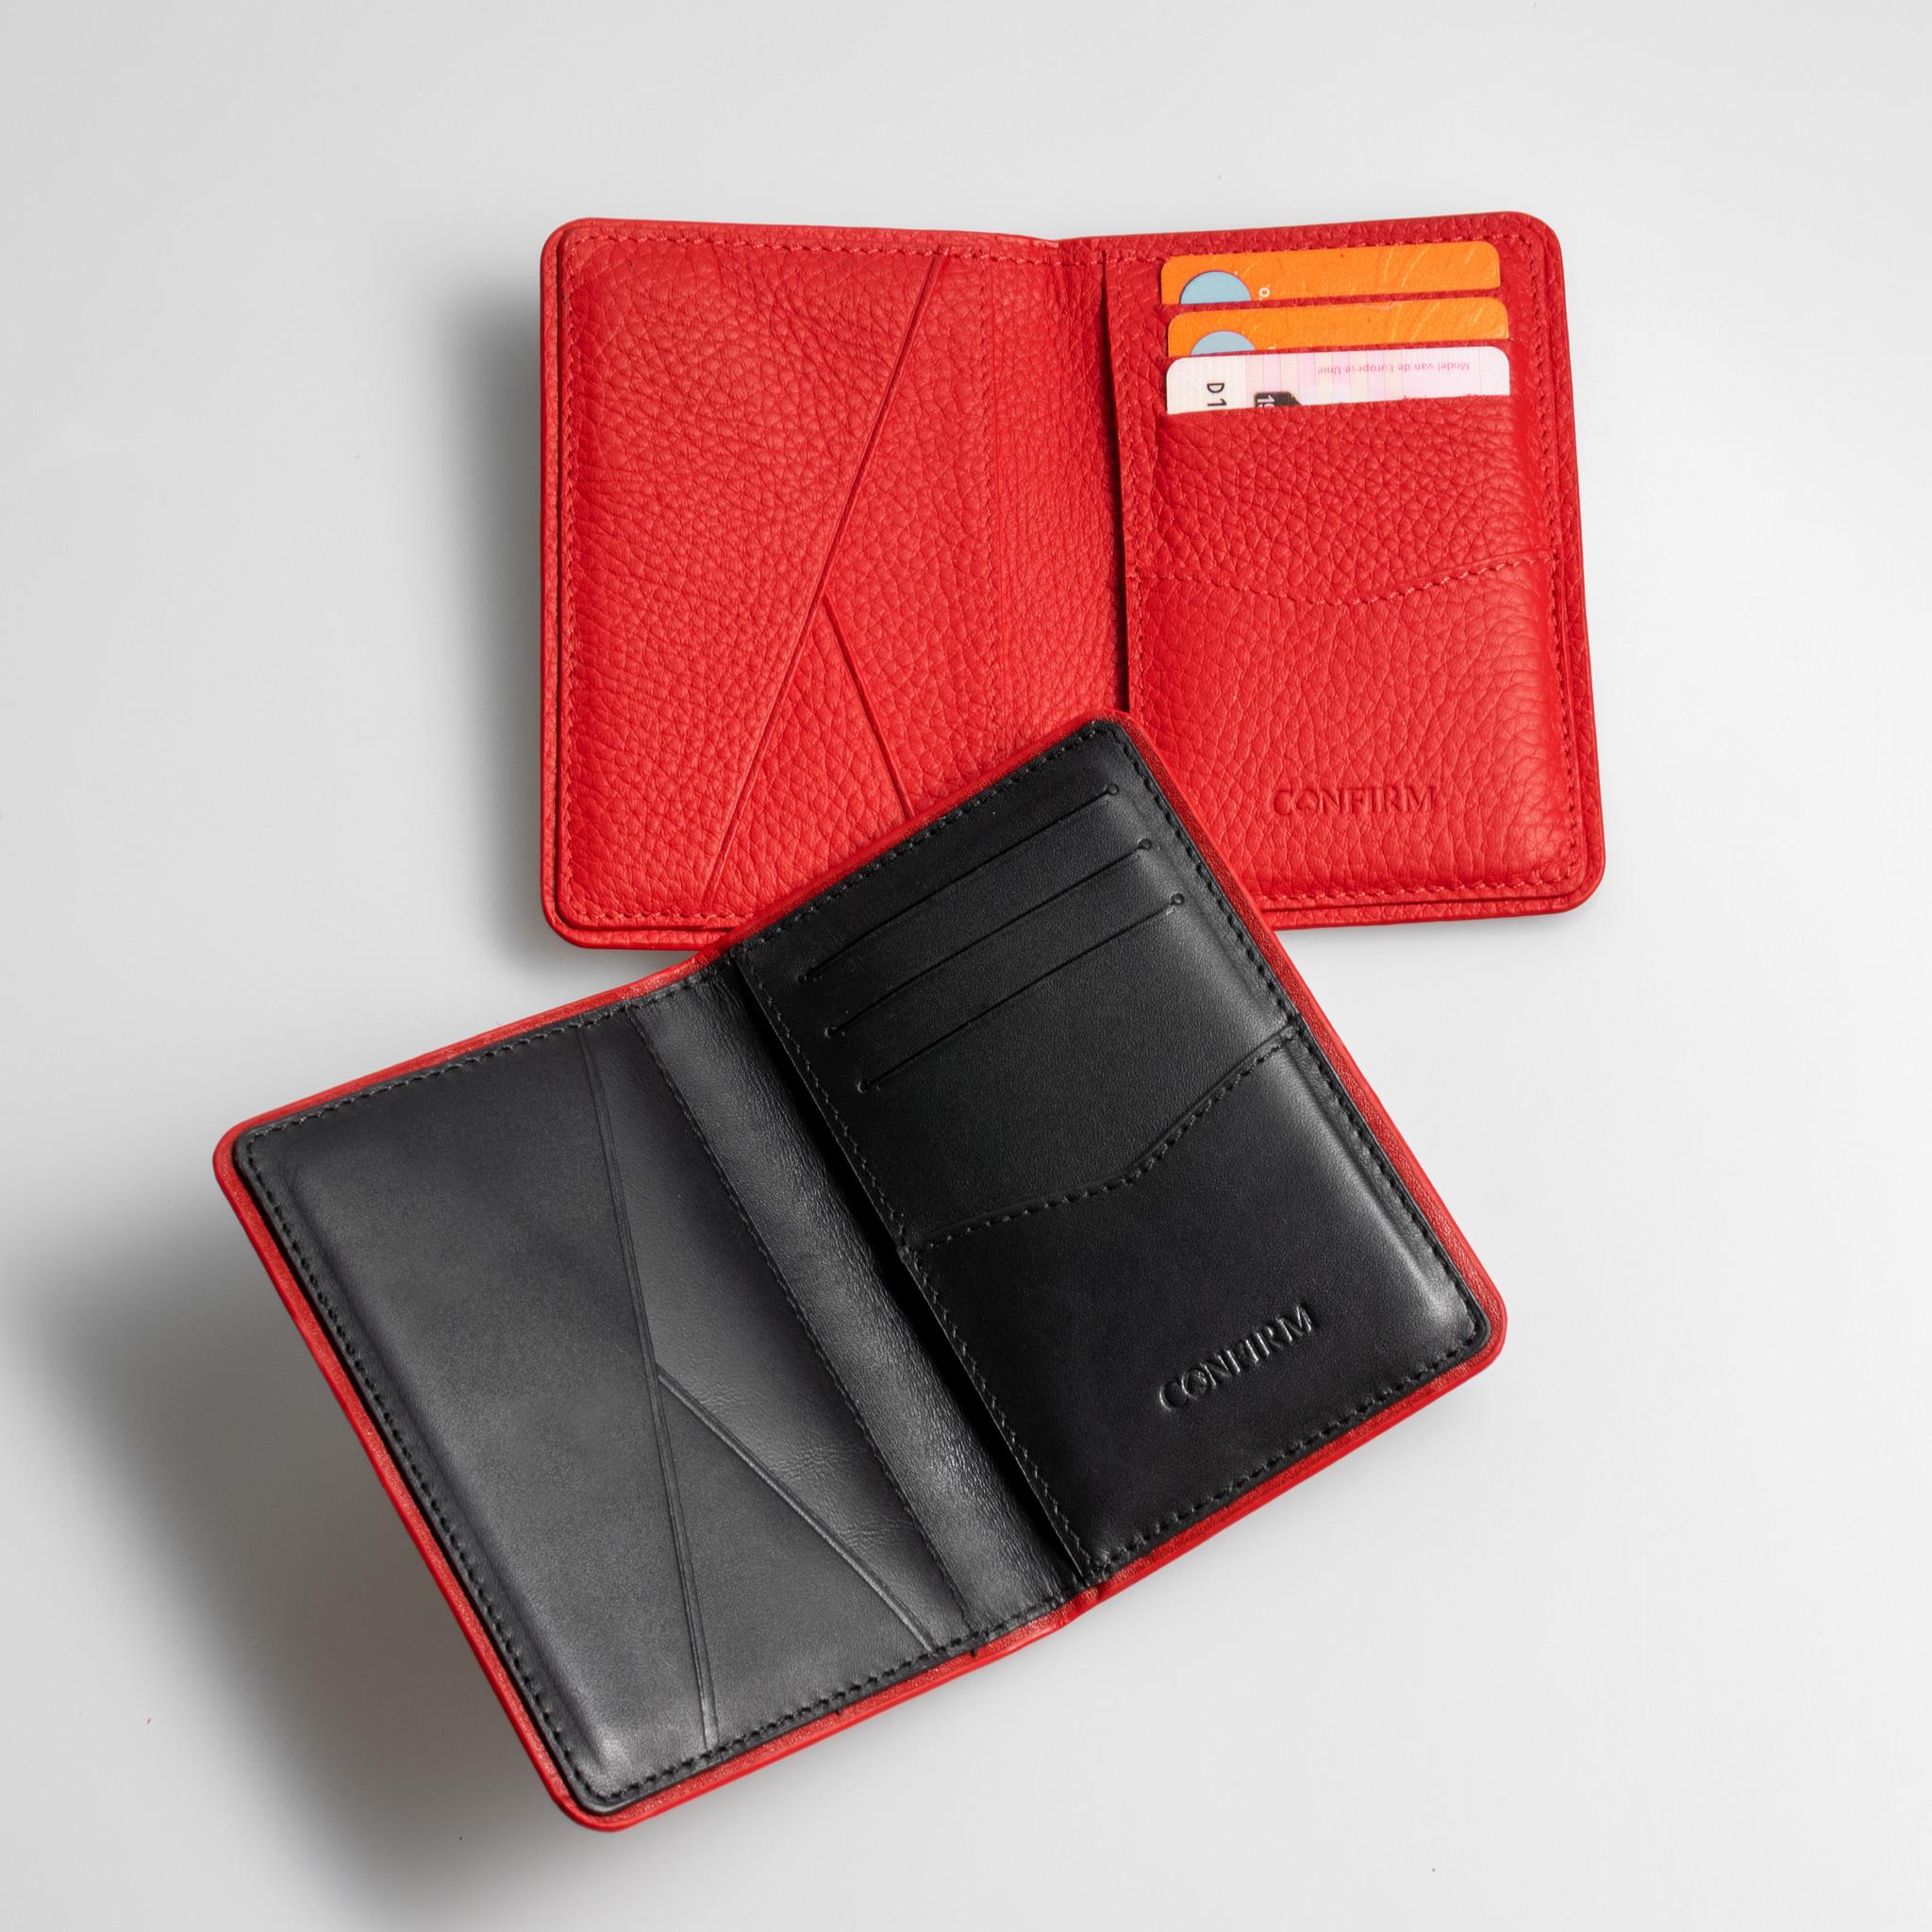 Confirm wallet Pecunia  - monaco-4